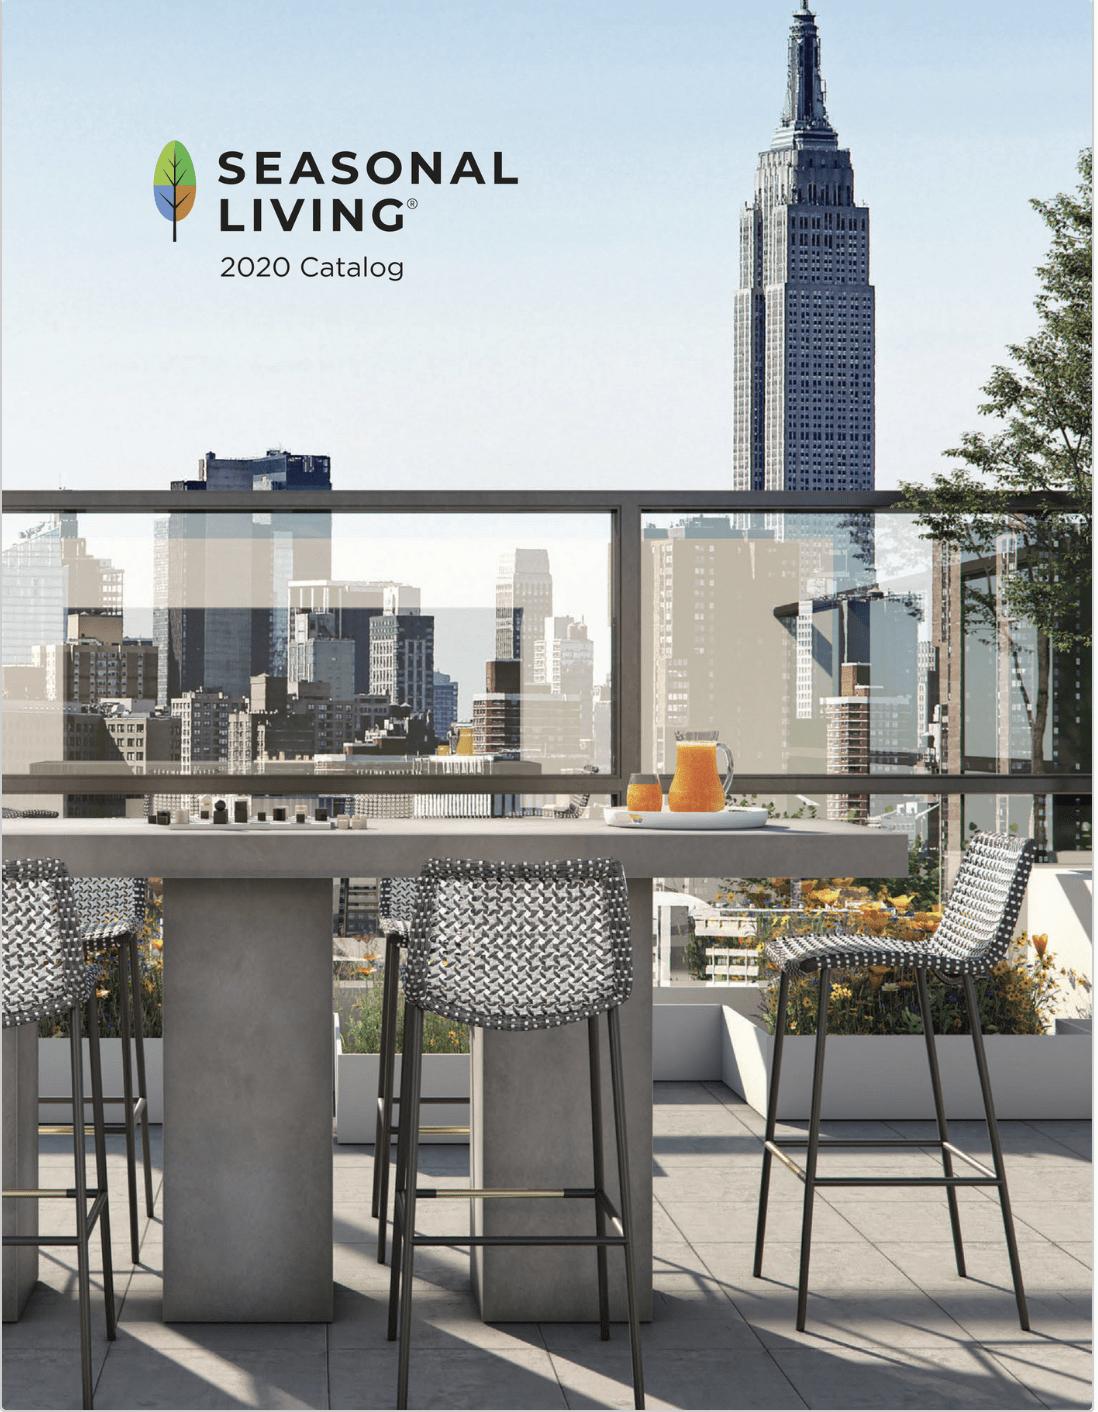 Best Luxury Indoor Outdoor Furniture Seasonal Living New 2020 Catalog Cover